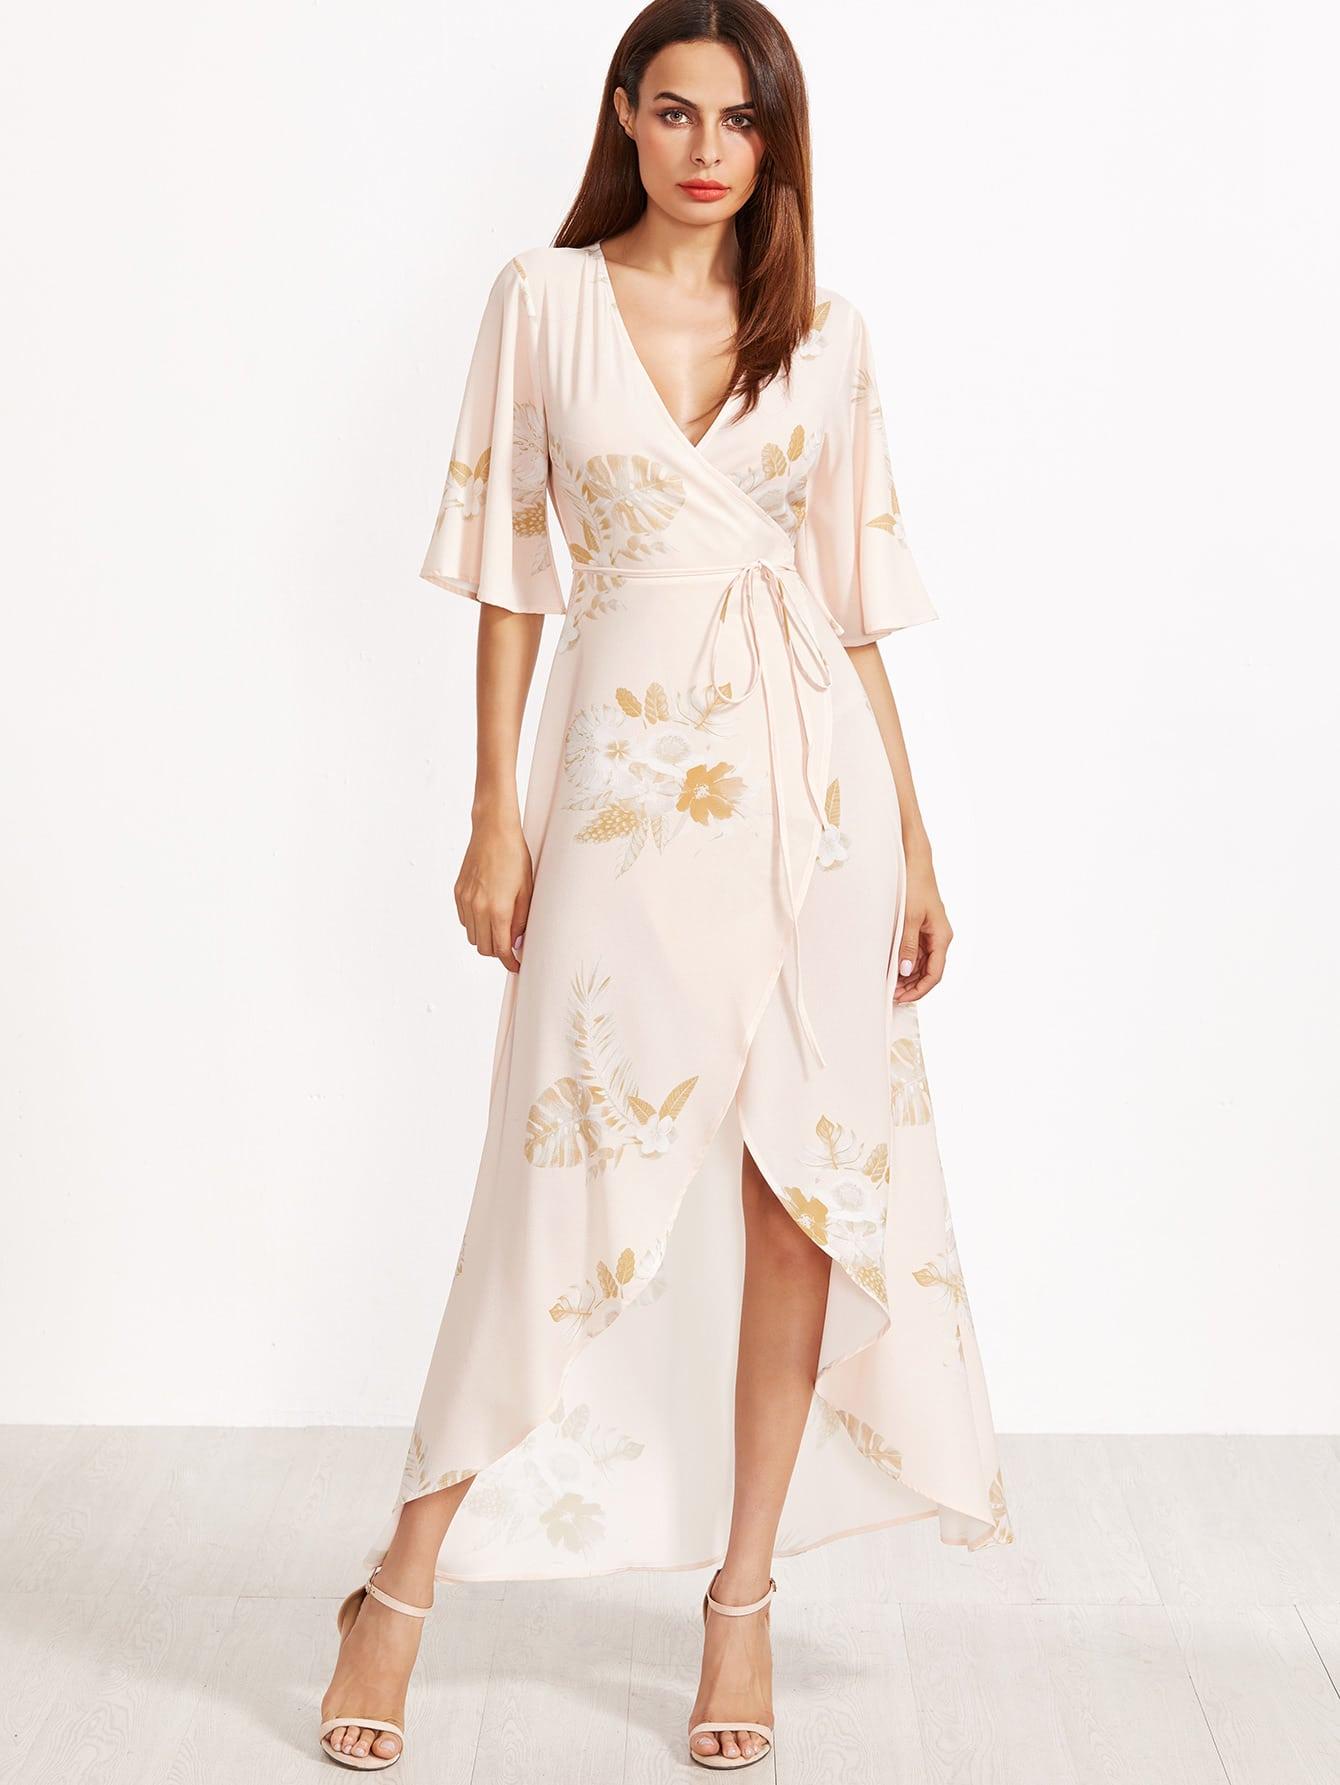 dress161221455_2